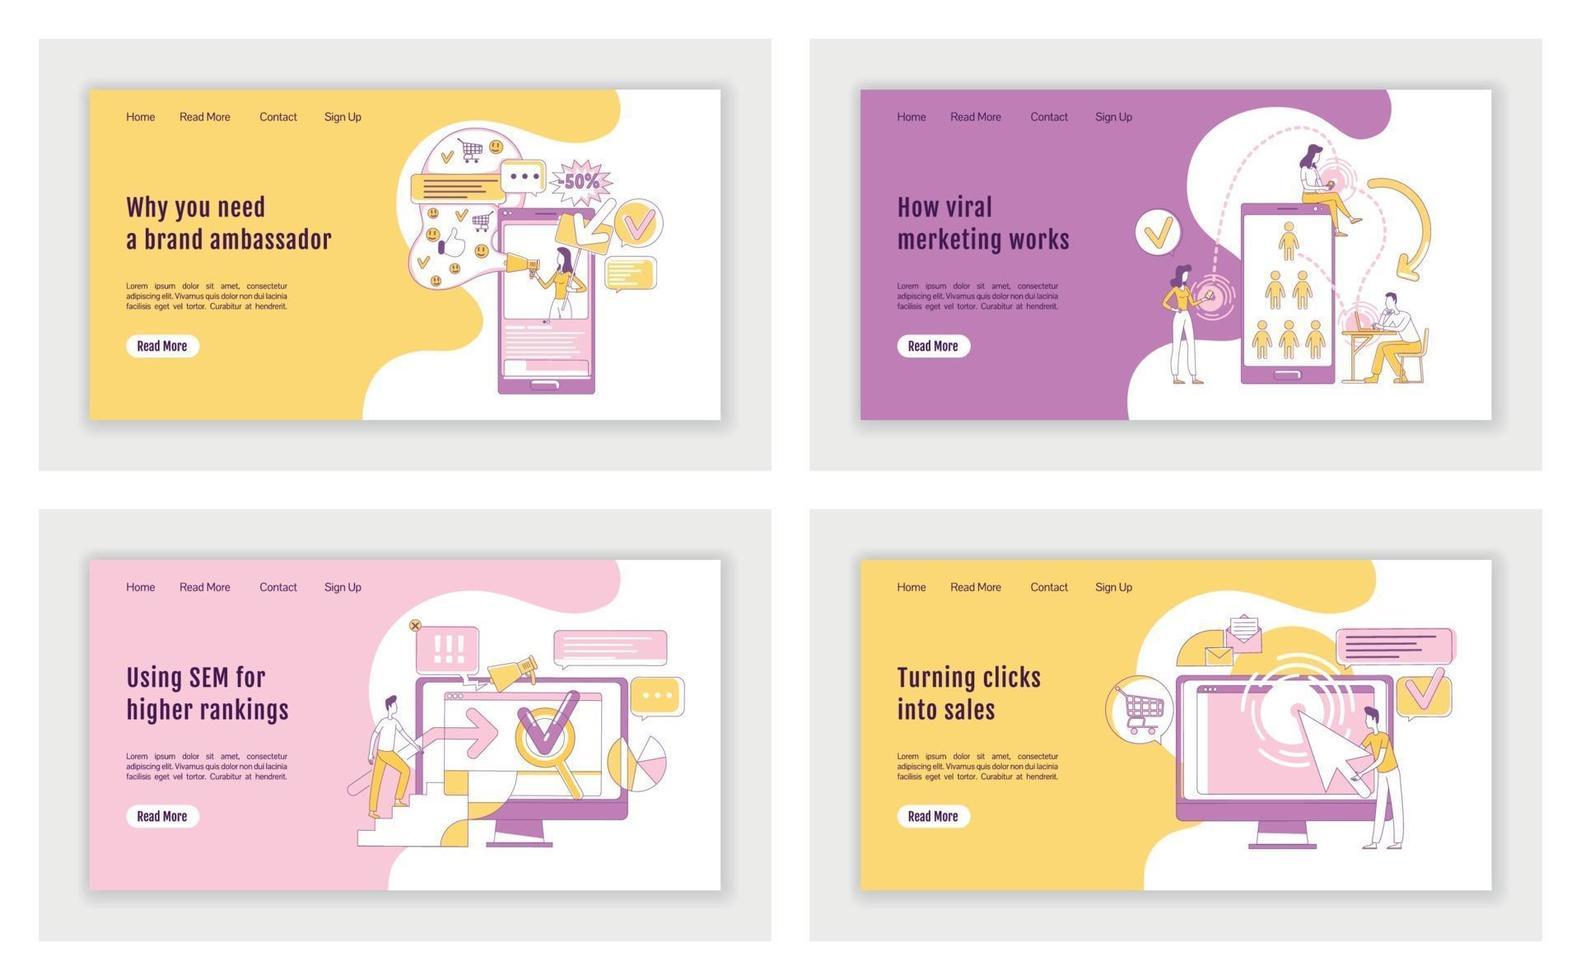 online marknadsföring målsida platt silhuett vektor mall set. reklam företagets hemsida layout. e marknadsför en sida webbplats gränssnitt med tecknad disposition karaktär. webbbanner, webbsida